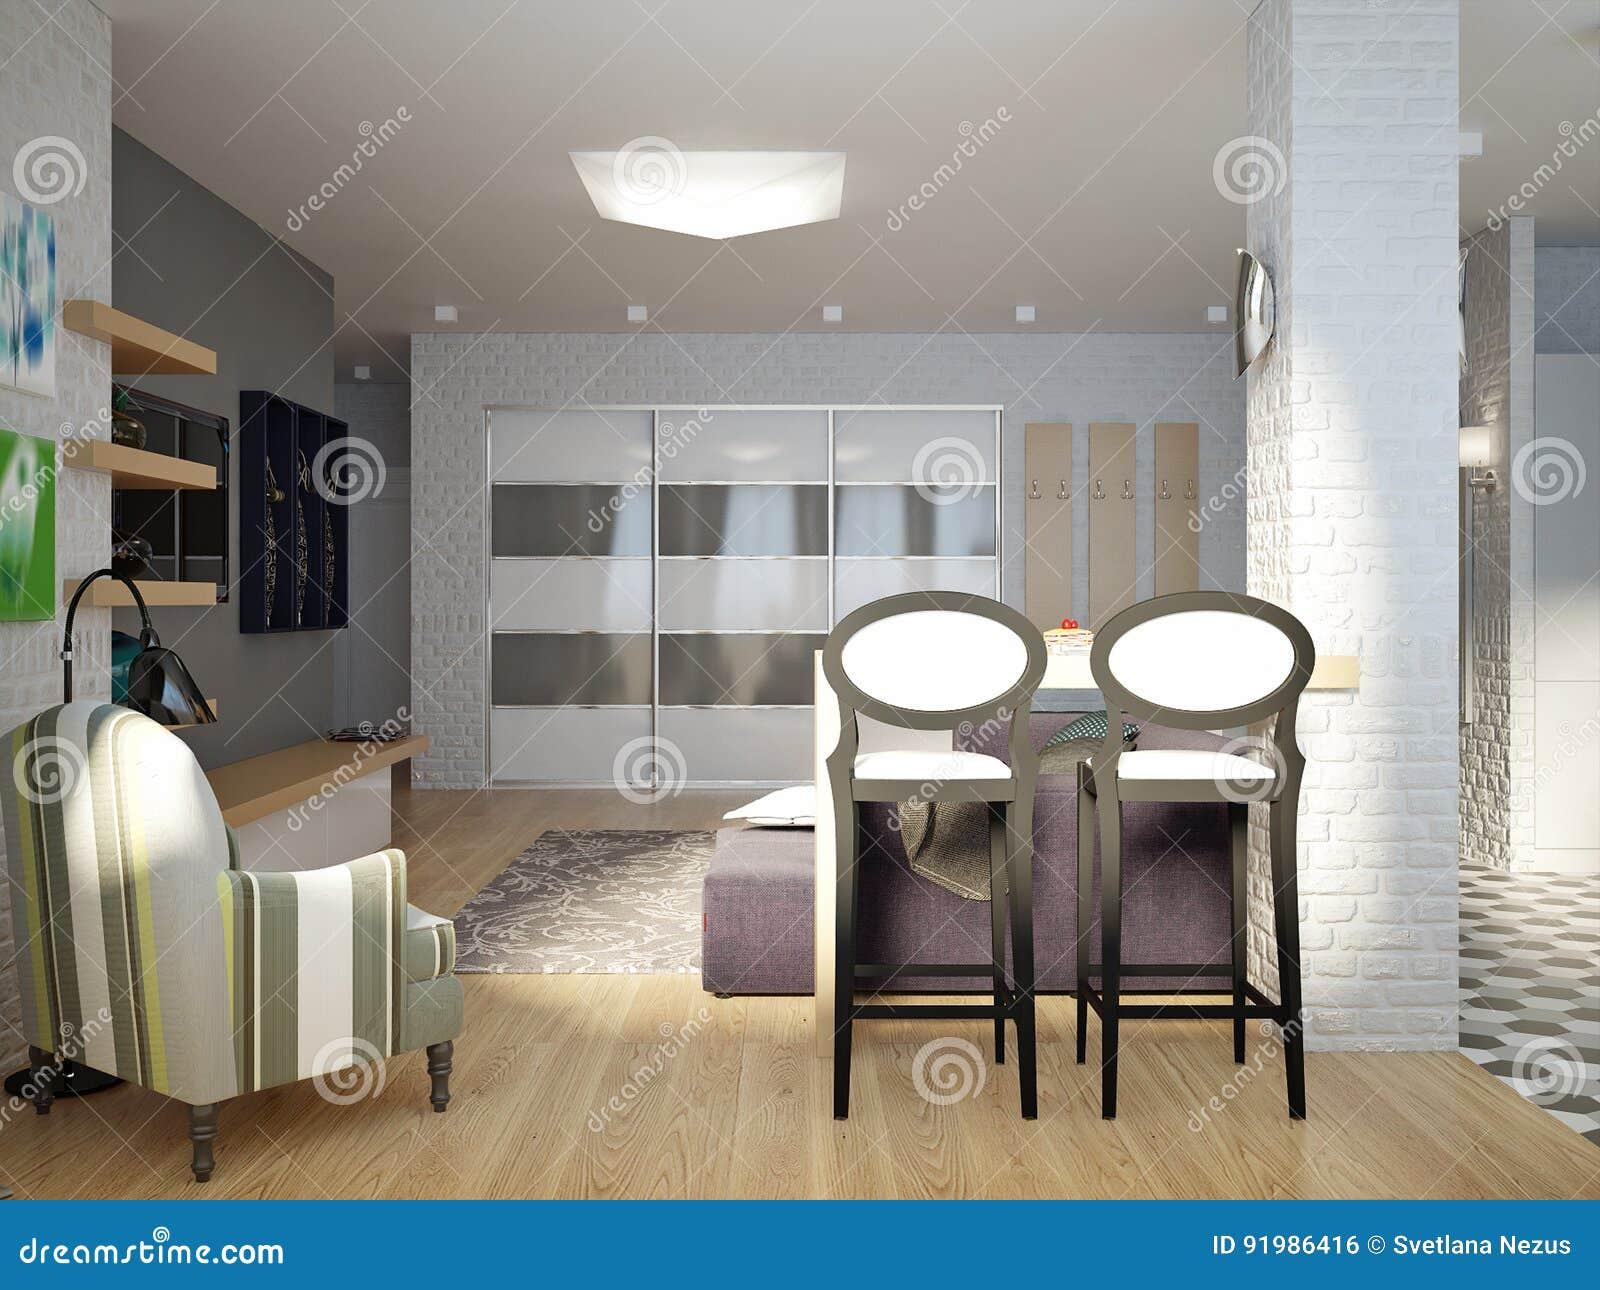 Σύγχρονο αστικό σύγχρονο ανοικτό καθιστικό στούντιο, τραπεζαρία